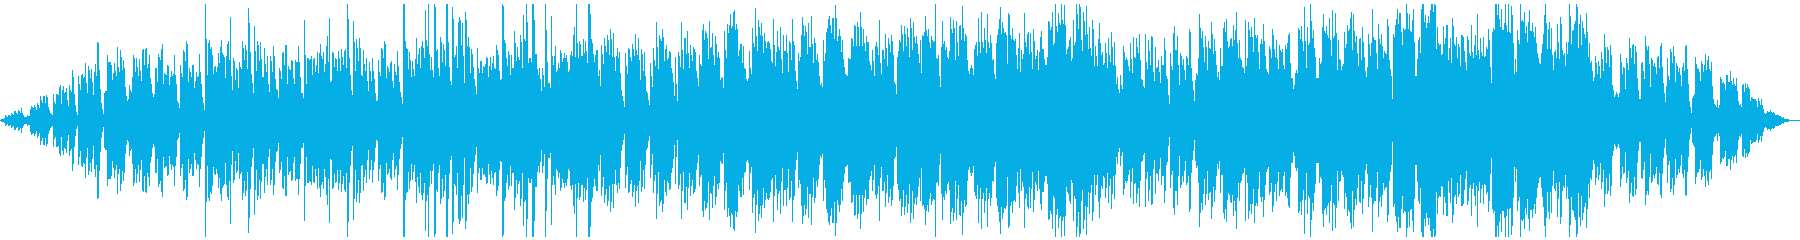 ヨガや瞑想に使える民族音楽的な雰囲気の曲の再生済みの波形